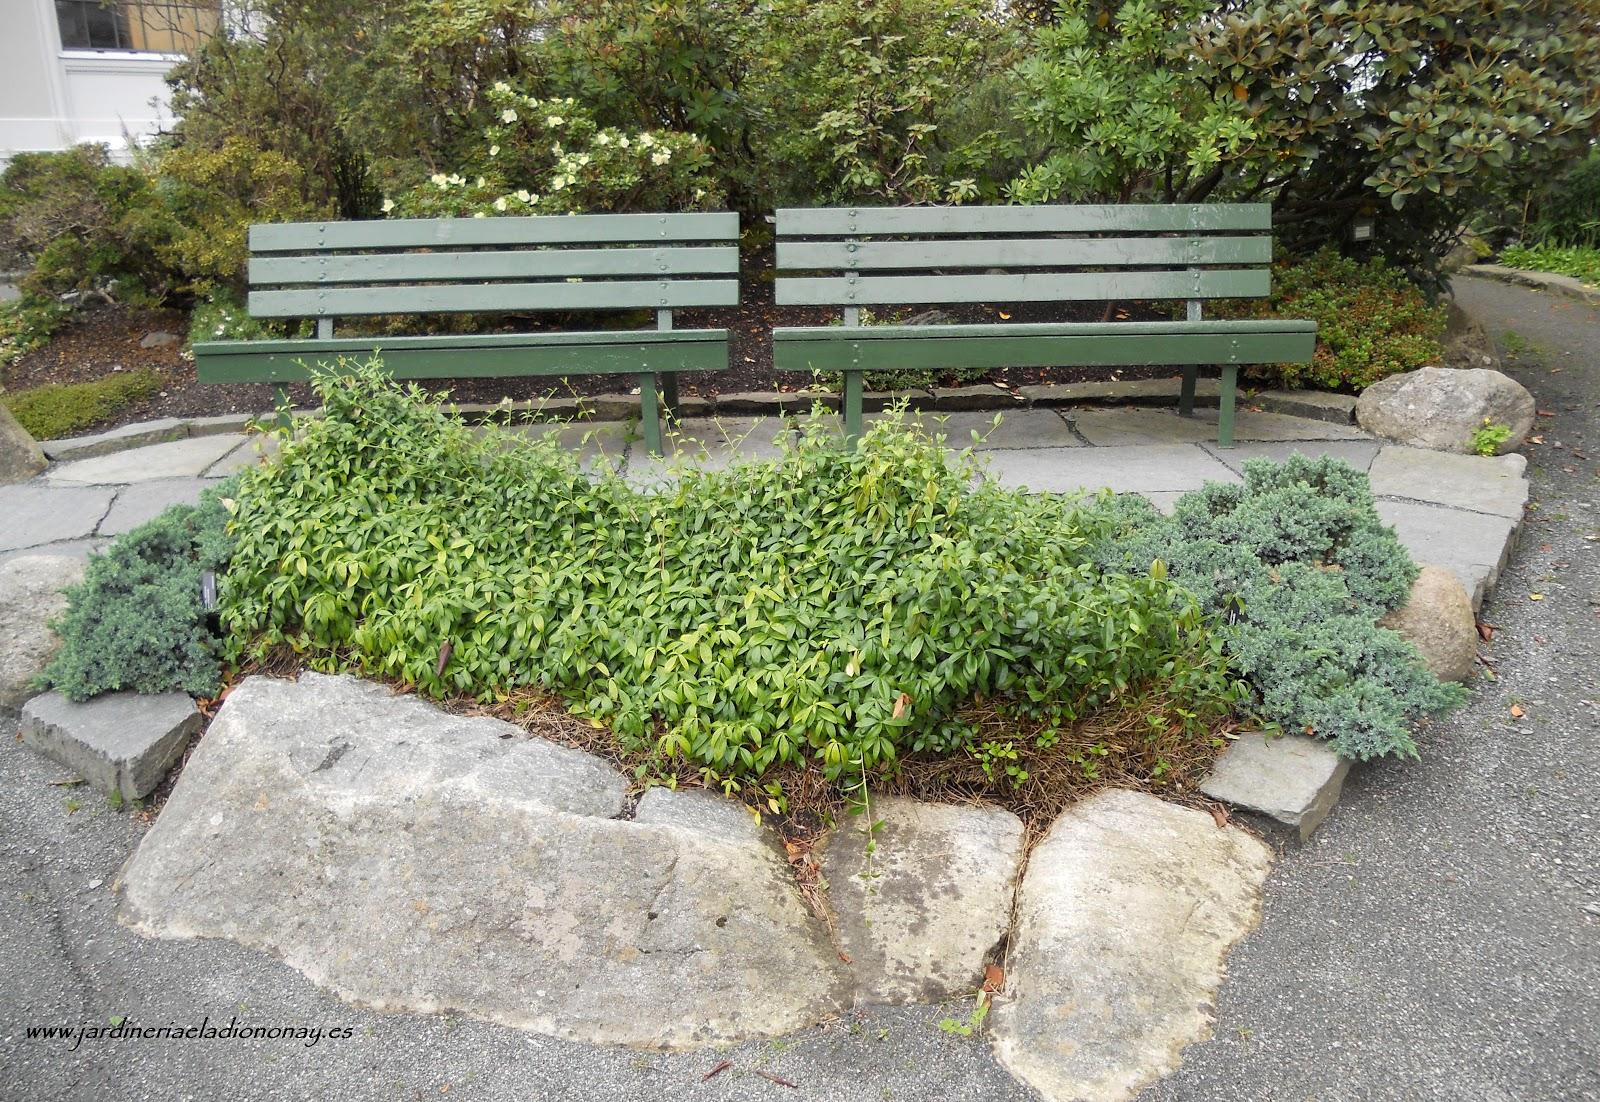 Jardineria eladio nonay decorar jardines con rocallas - Jardineria eladio nonay ...